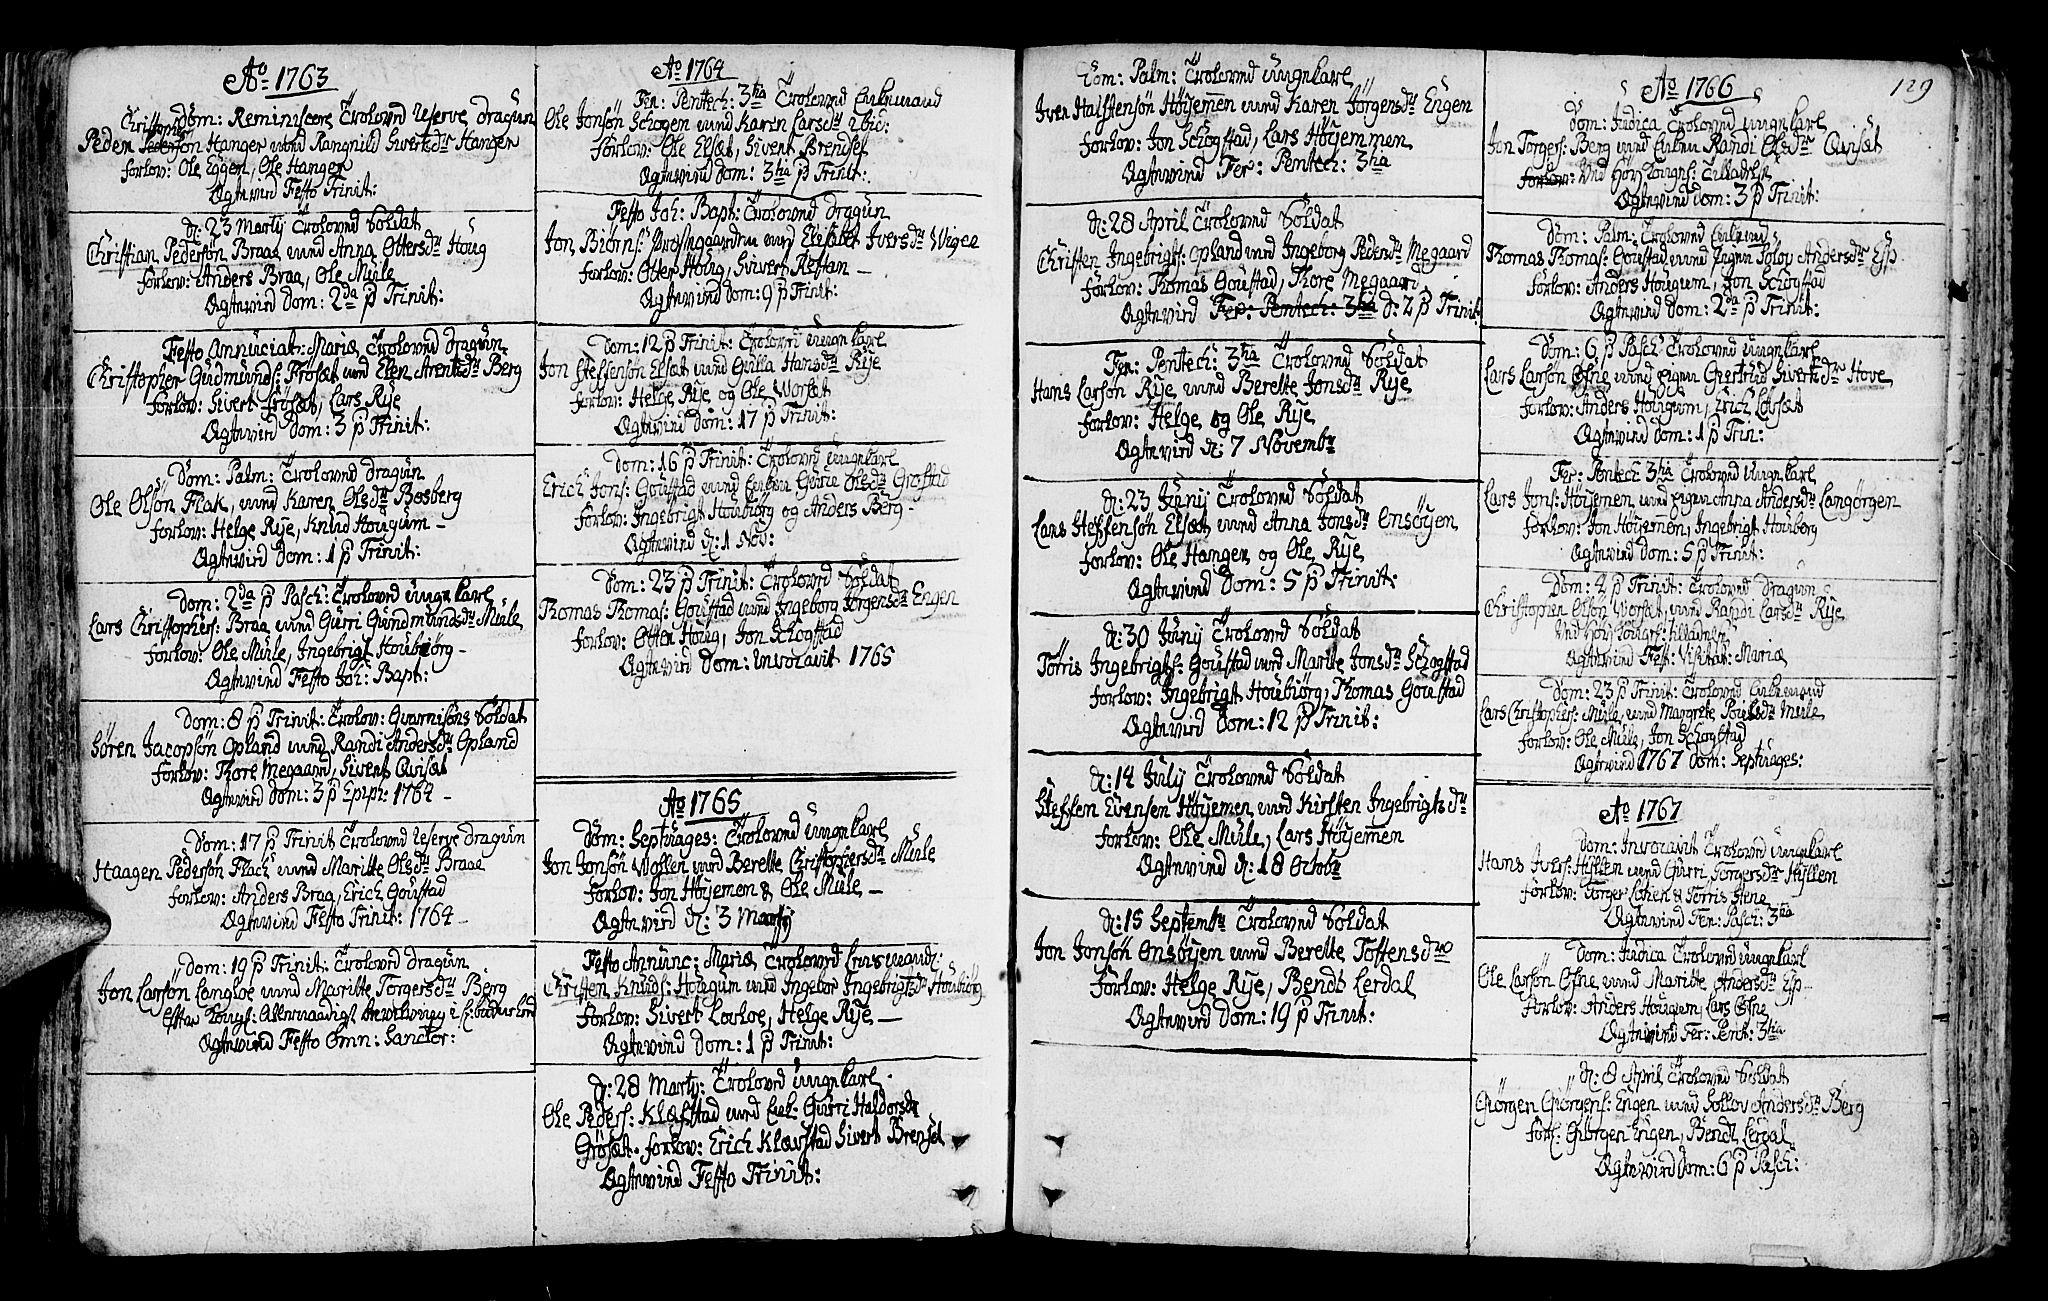 SAT, Ministerialprotokoller, klokkerbøker og fødselsregistre - Sør-Trøndelag, 612/L0370: Ministerialbok nr. 612A04, 1754-1802, s. 129